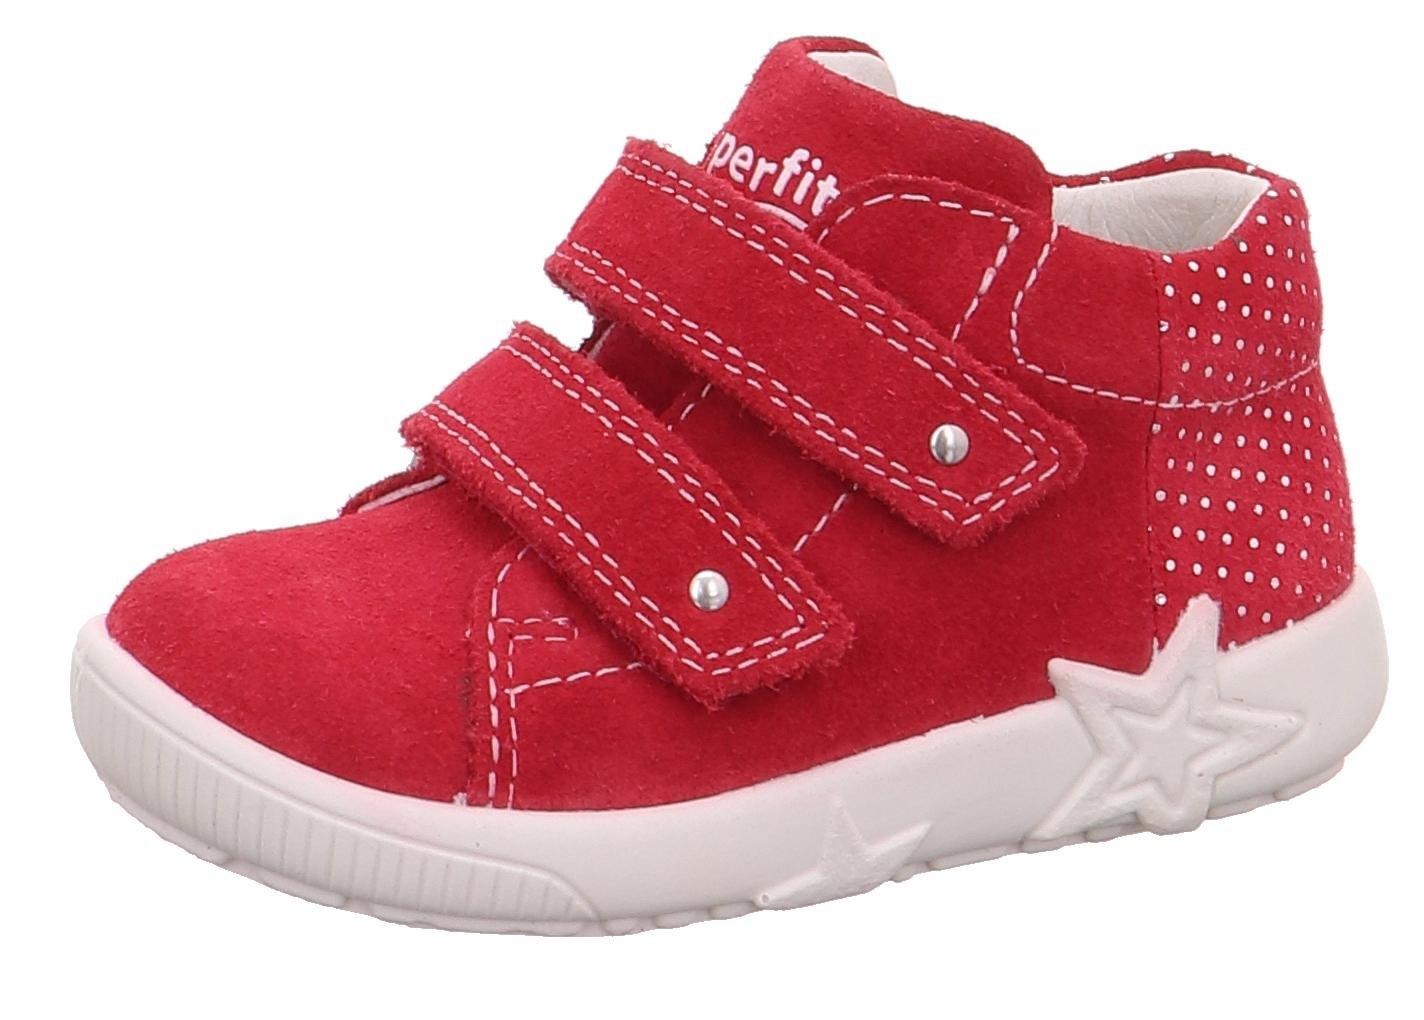 Superfit babyschoentjes »Moppy« nu online kopen bij OTTO